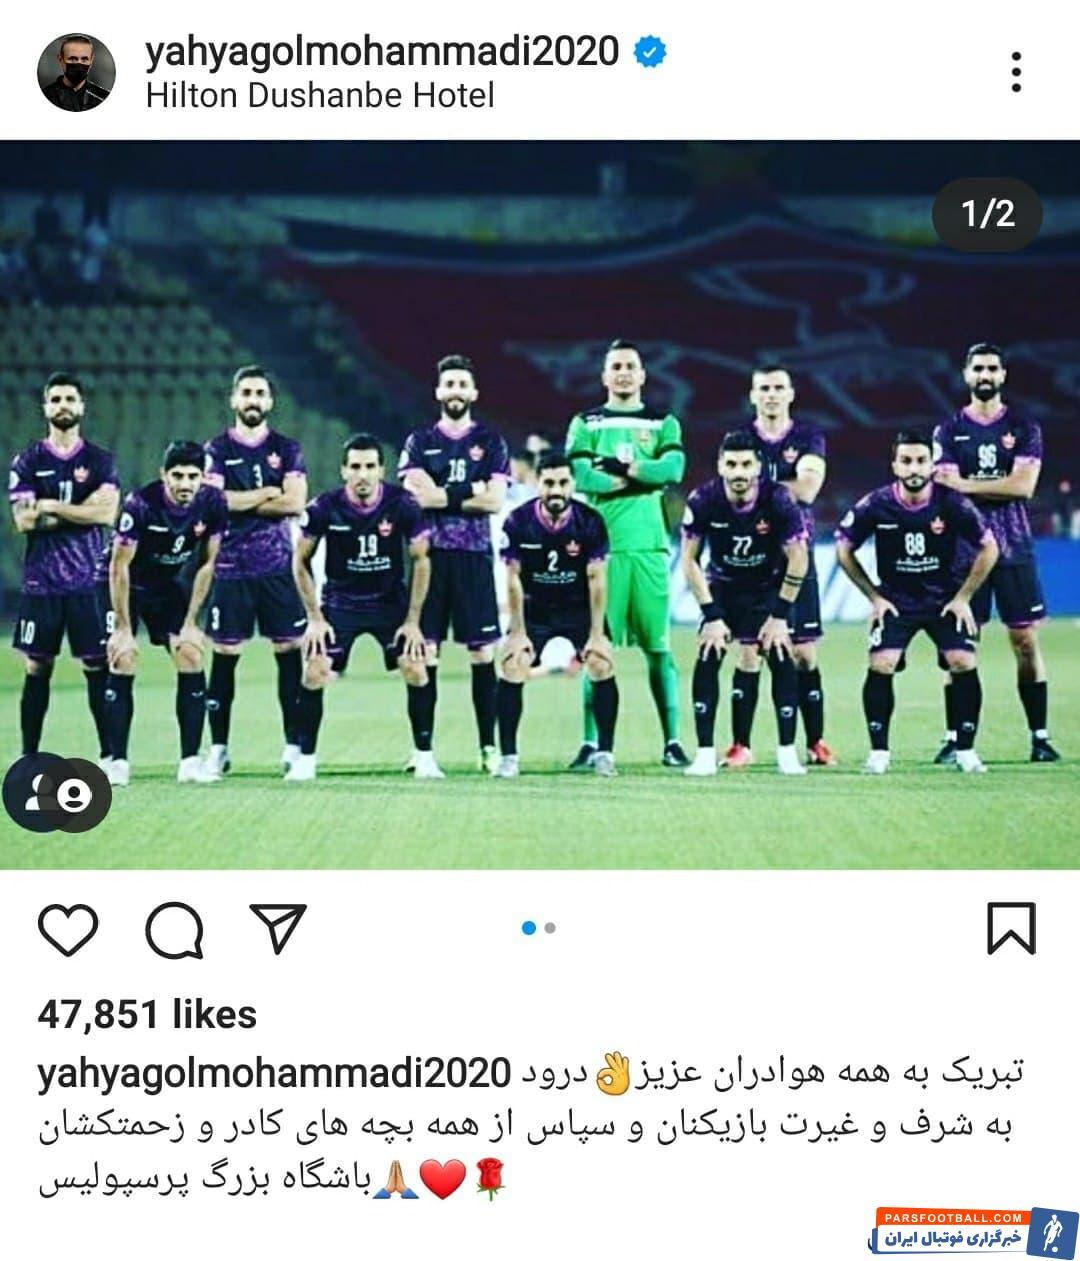 یحیی گل محمدی : درود به شرف و غیرت بازیکنان پرسپولیس